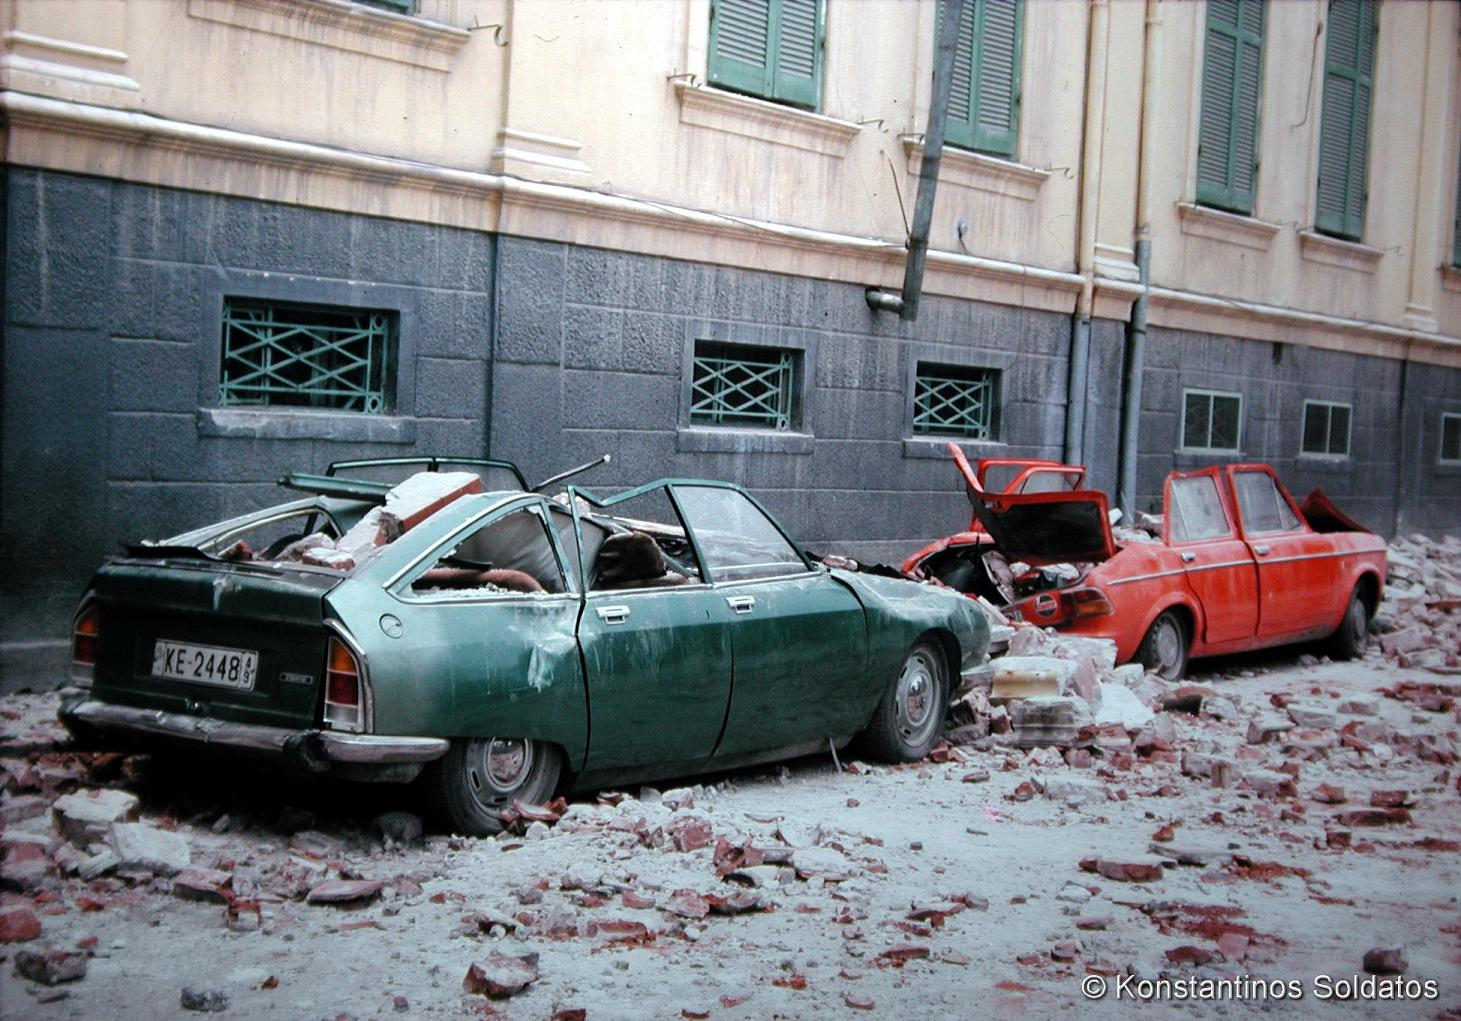 Ζημιές στα Παλαιά Δικαστήρια (το σημερινό κτίριο της Τράπεζας Πειραιώς). Οδός Μητροπόλεως